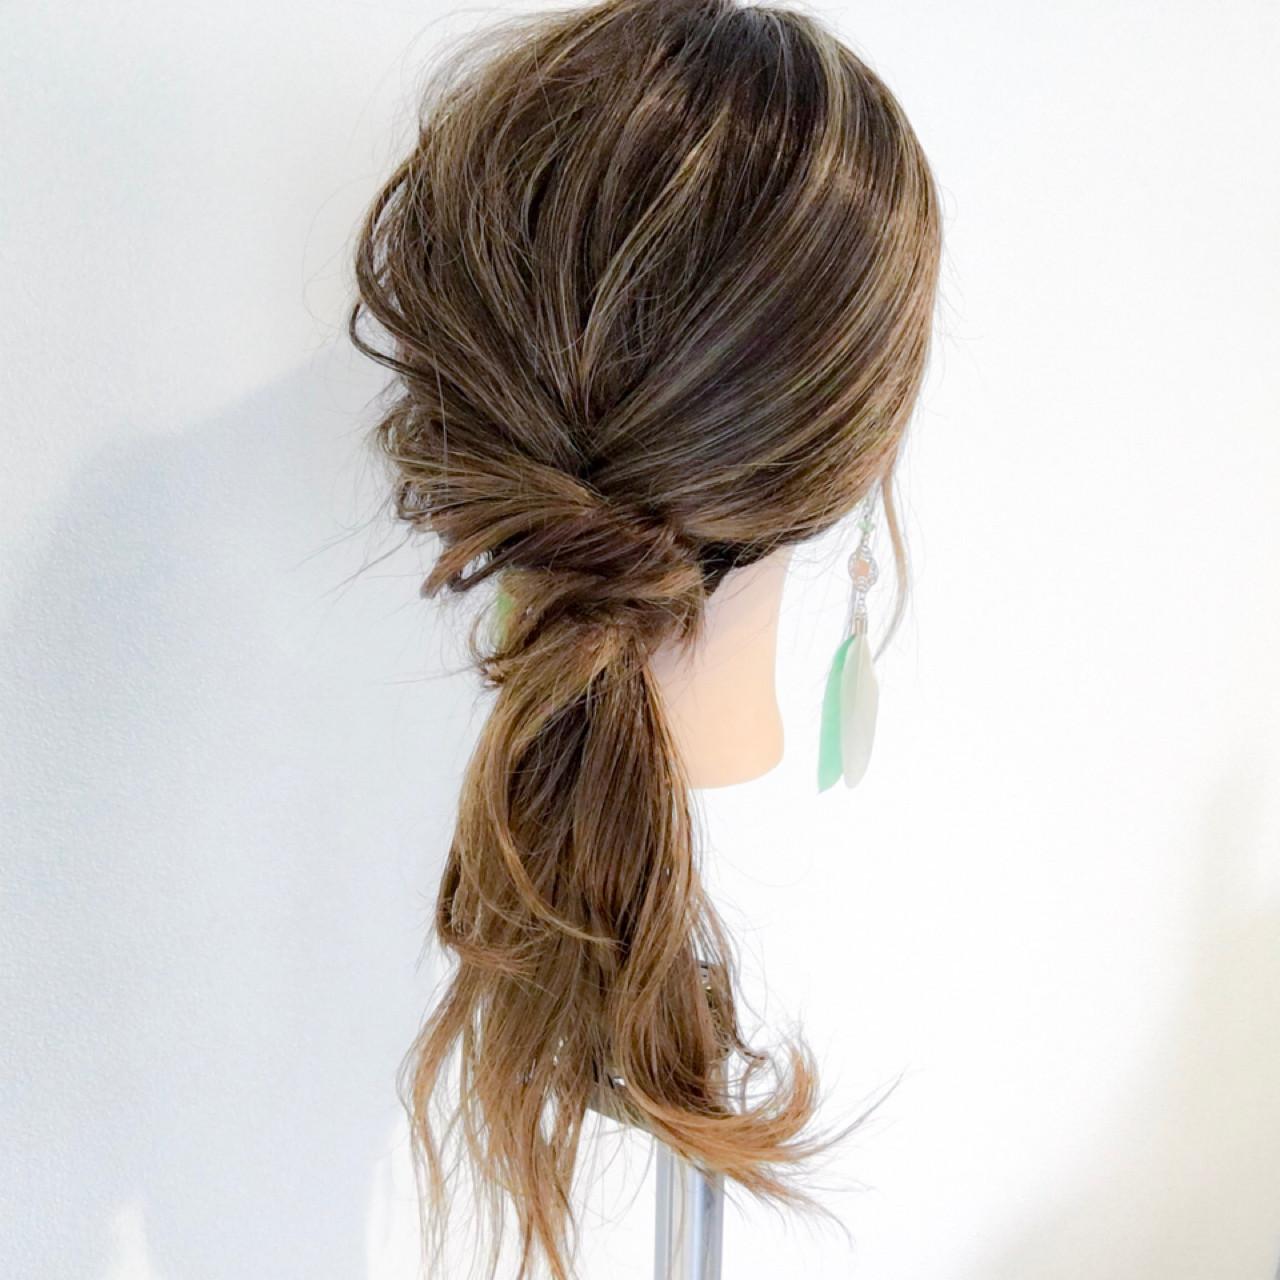 スポーツ 簡単ヘアアレンジ ポニーテール ナチュラル ヘアスタイルや髪型の写真・画像